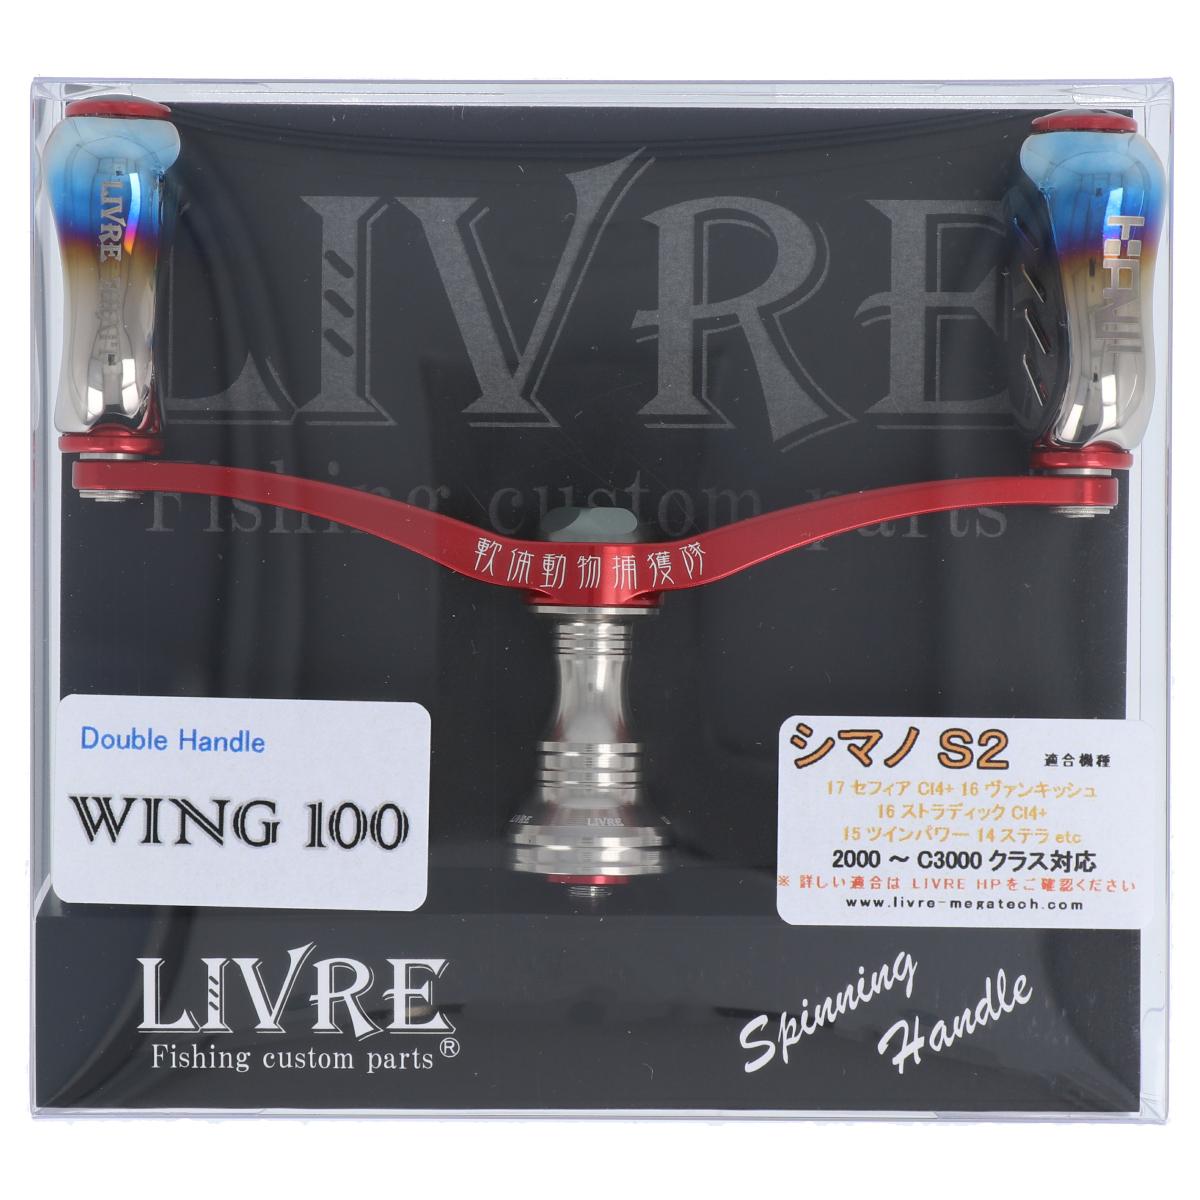 カンジインターナショナル LIVRE ウイング100 fino カンジレッド(シマノS2用)【ゆうパケット】